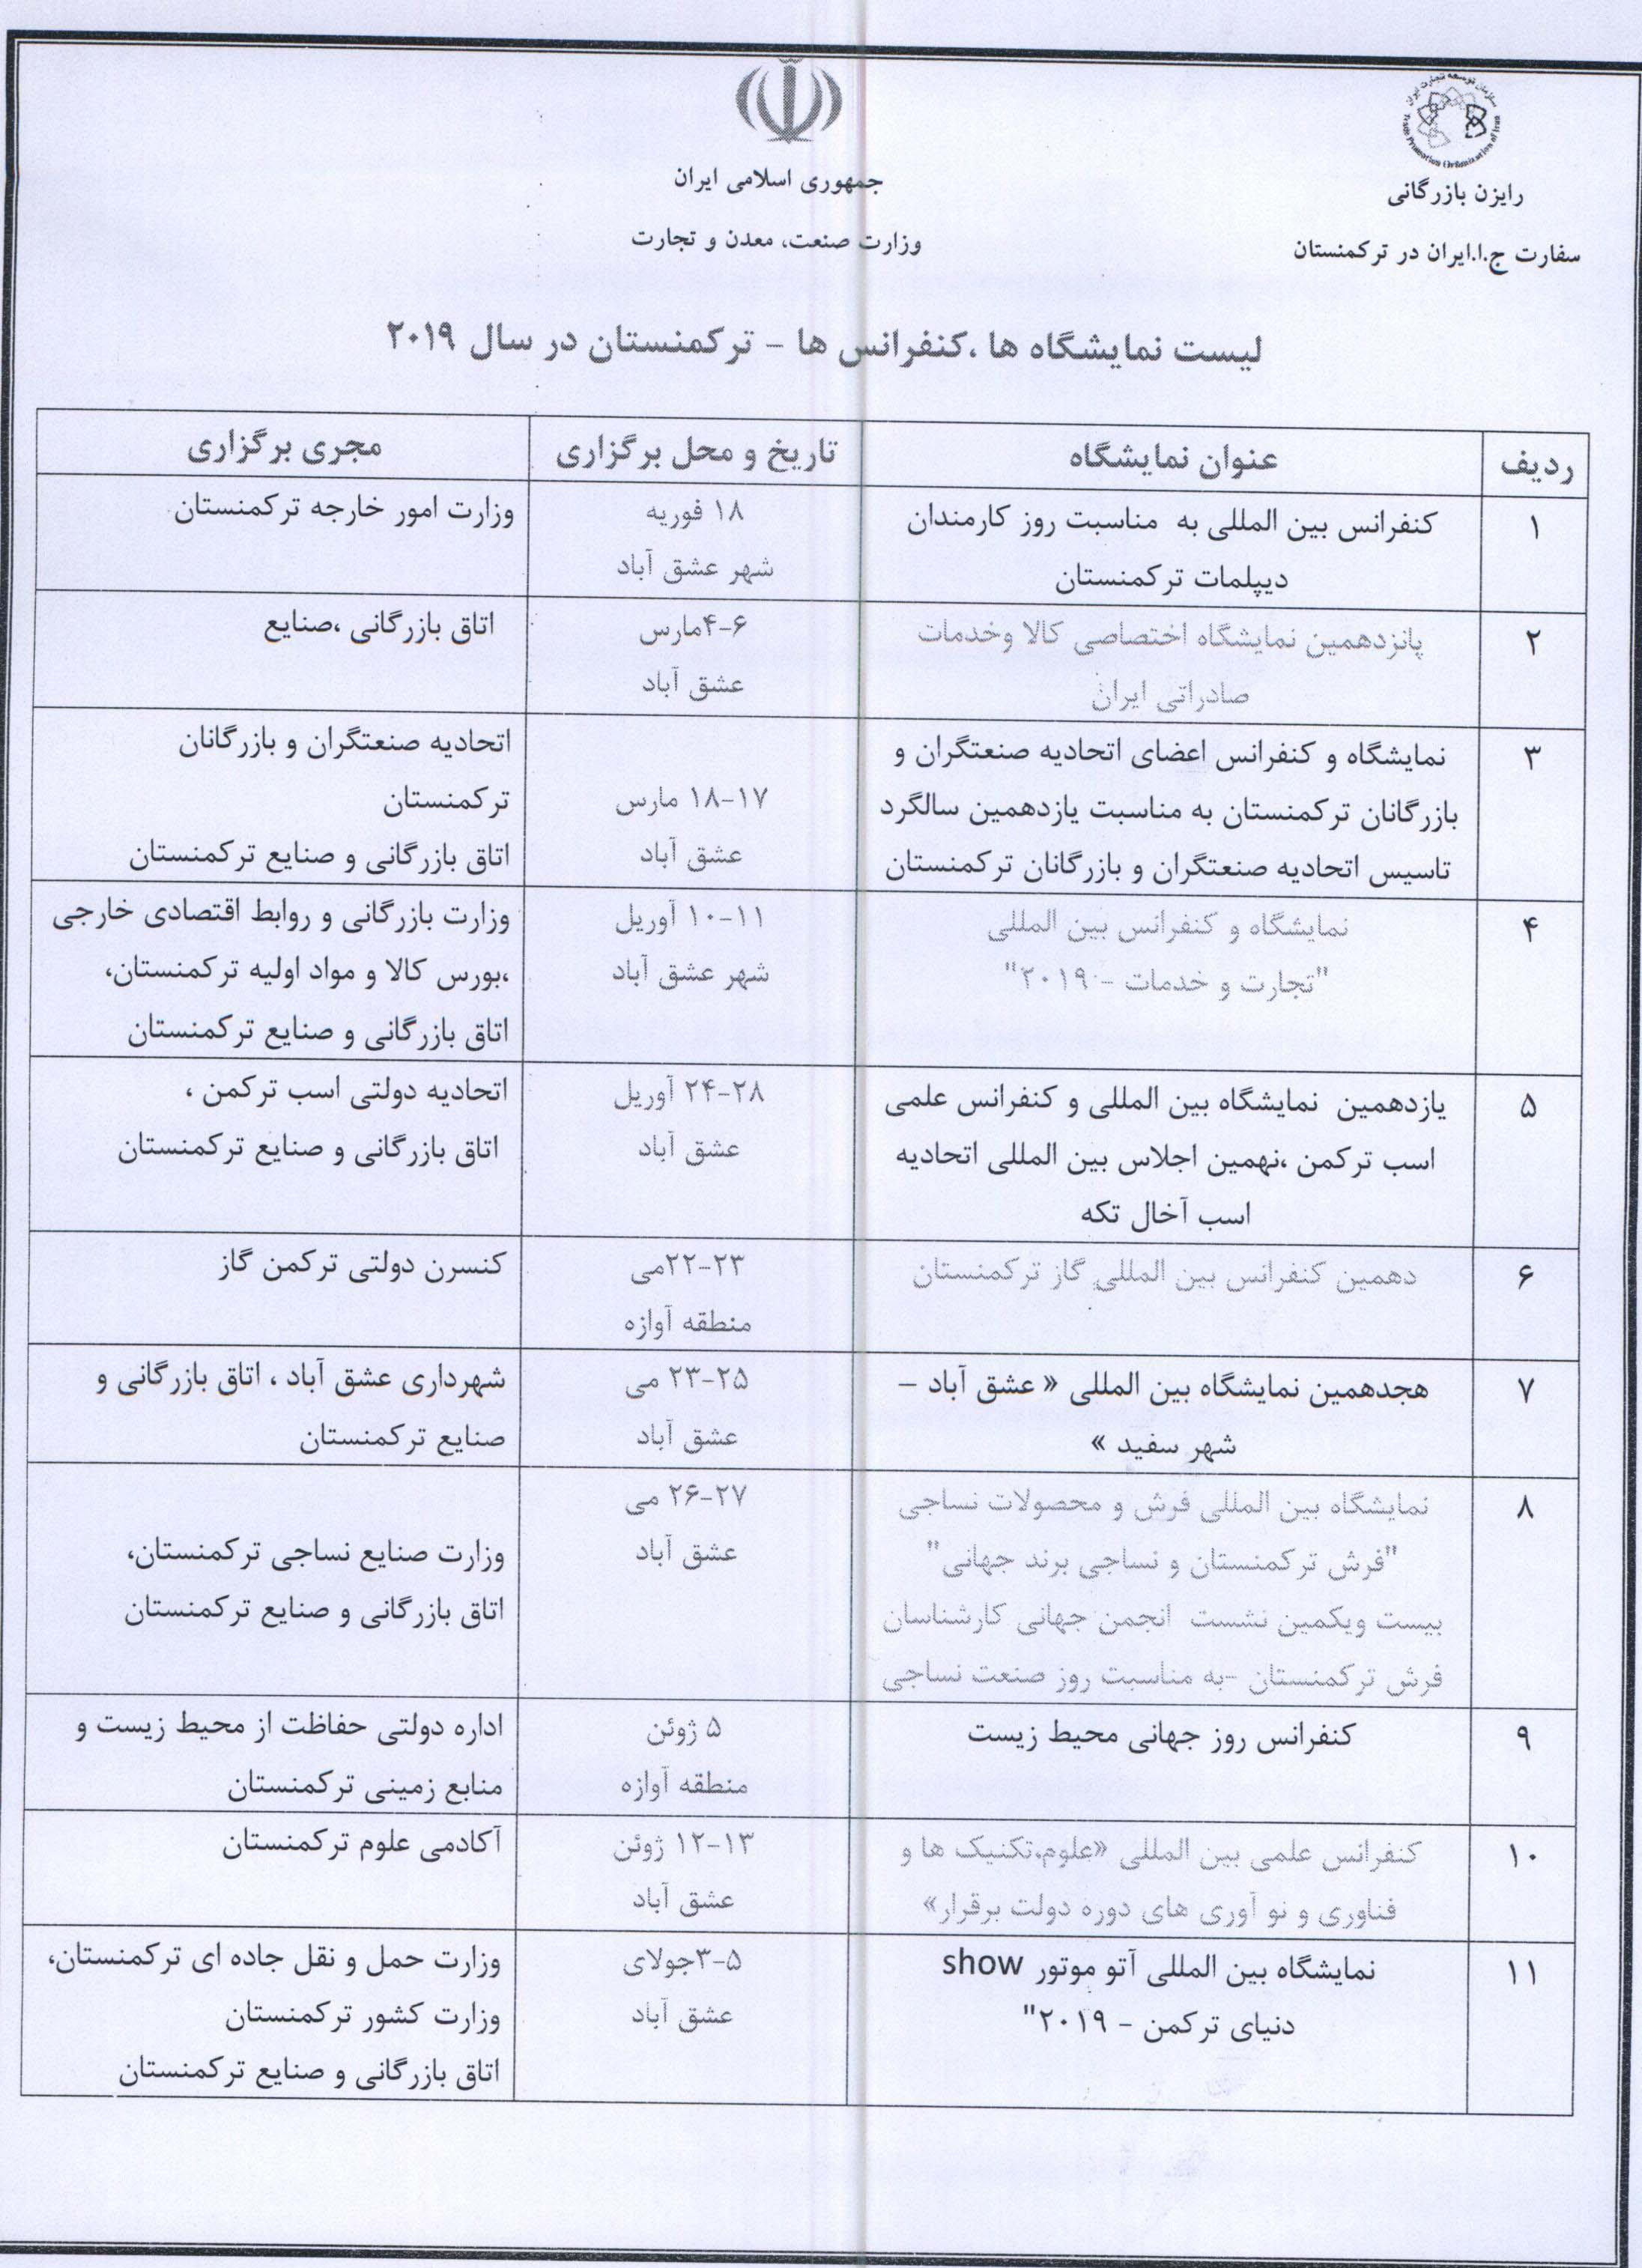 لیست نمایشگاه ها کنفرانس ها ترکمنستان از سفارت ترکمنستان